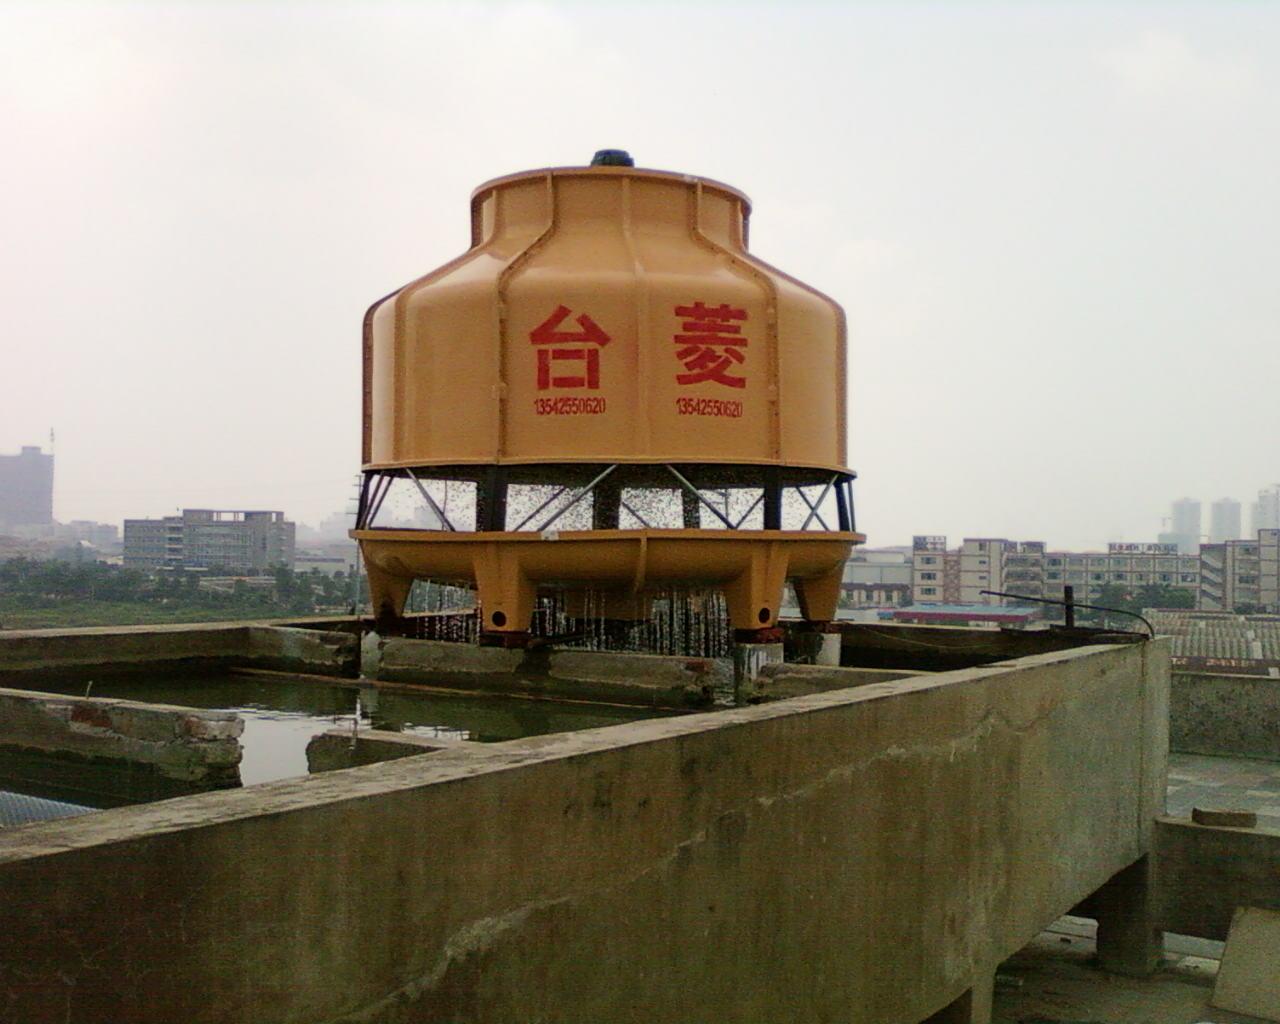 供应佛山市南海区冷却塔供应商|全部马达均为全封闭式,可应用于恶劣的气候环境中。